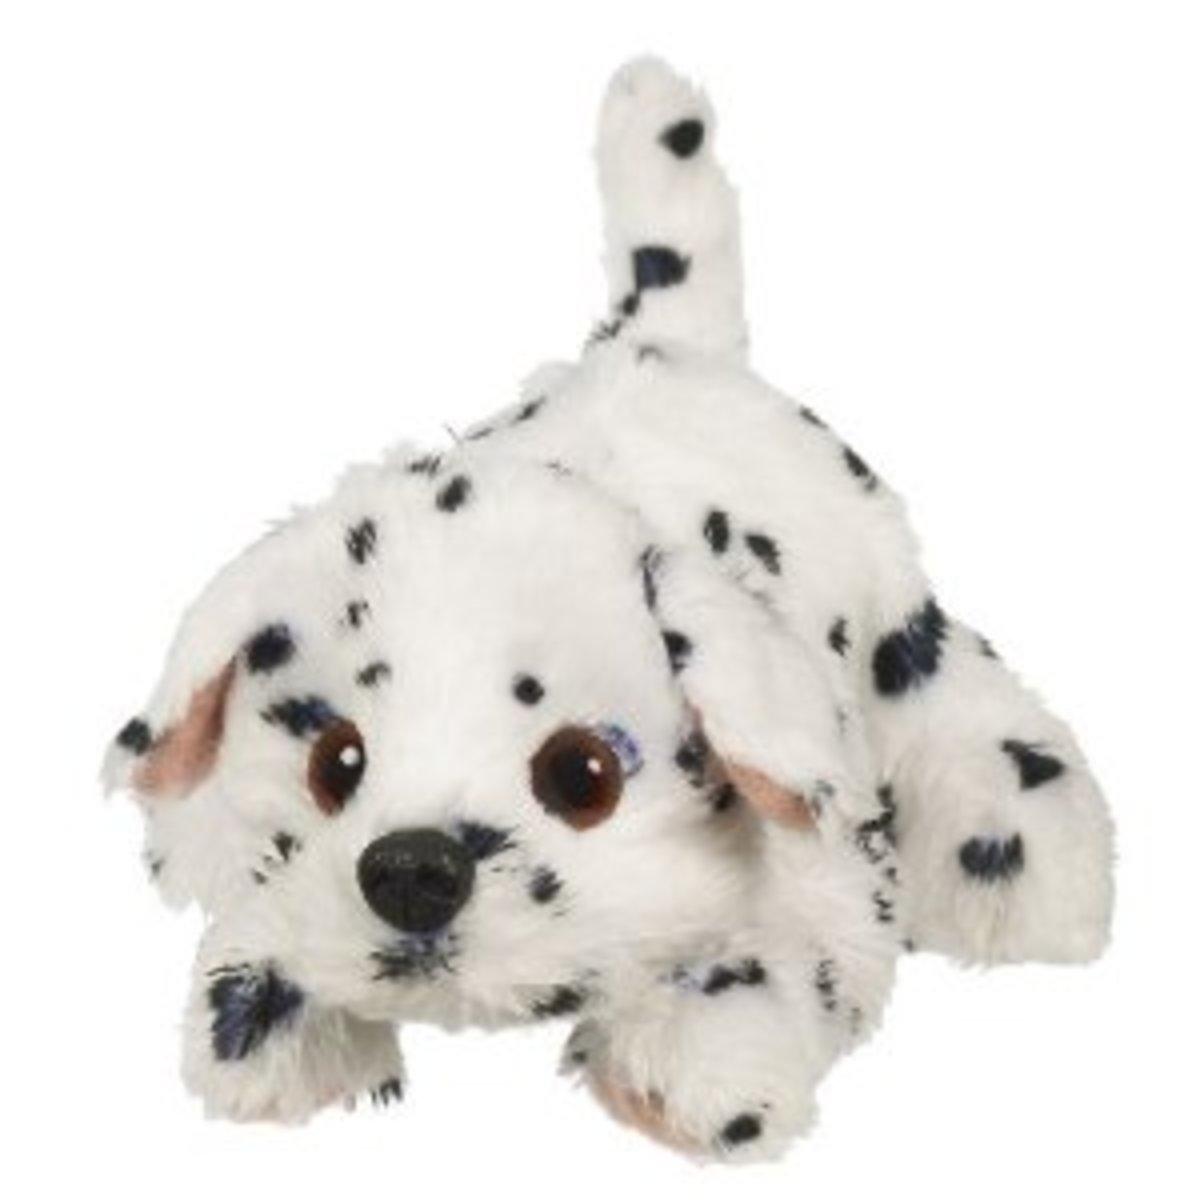 FurReal Snuggimals Dalmation Pup